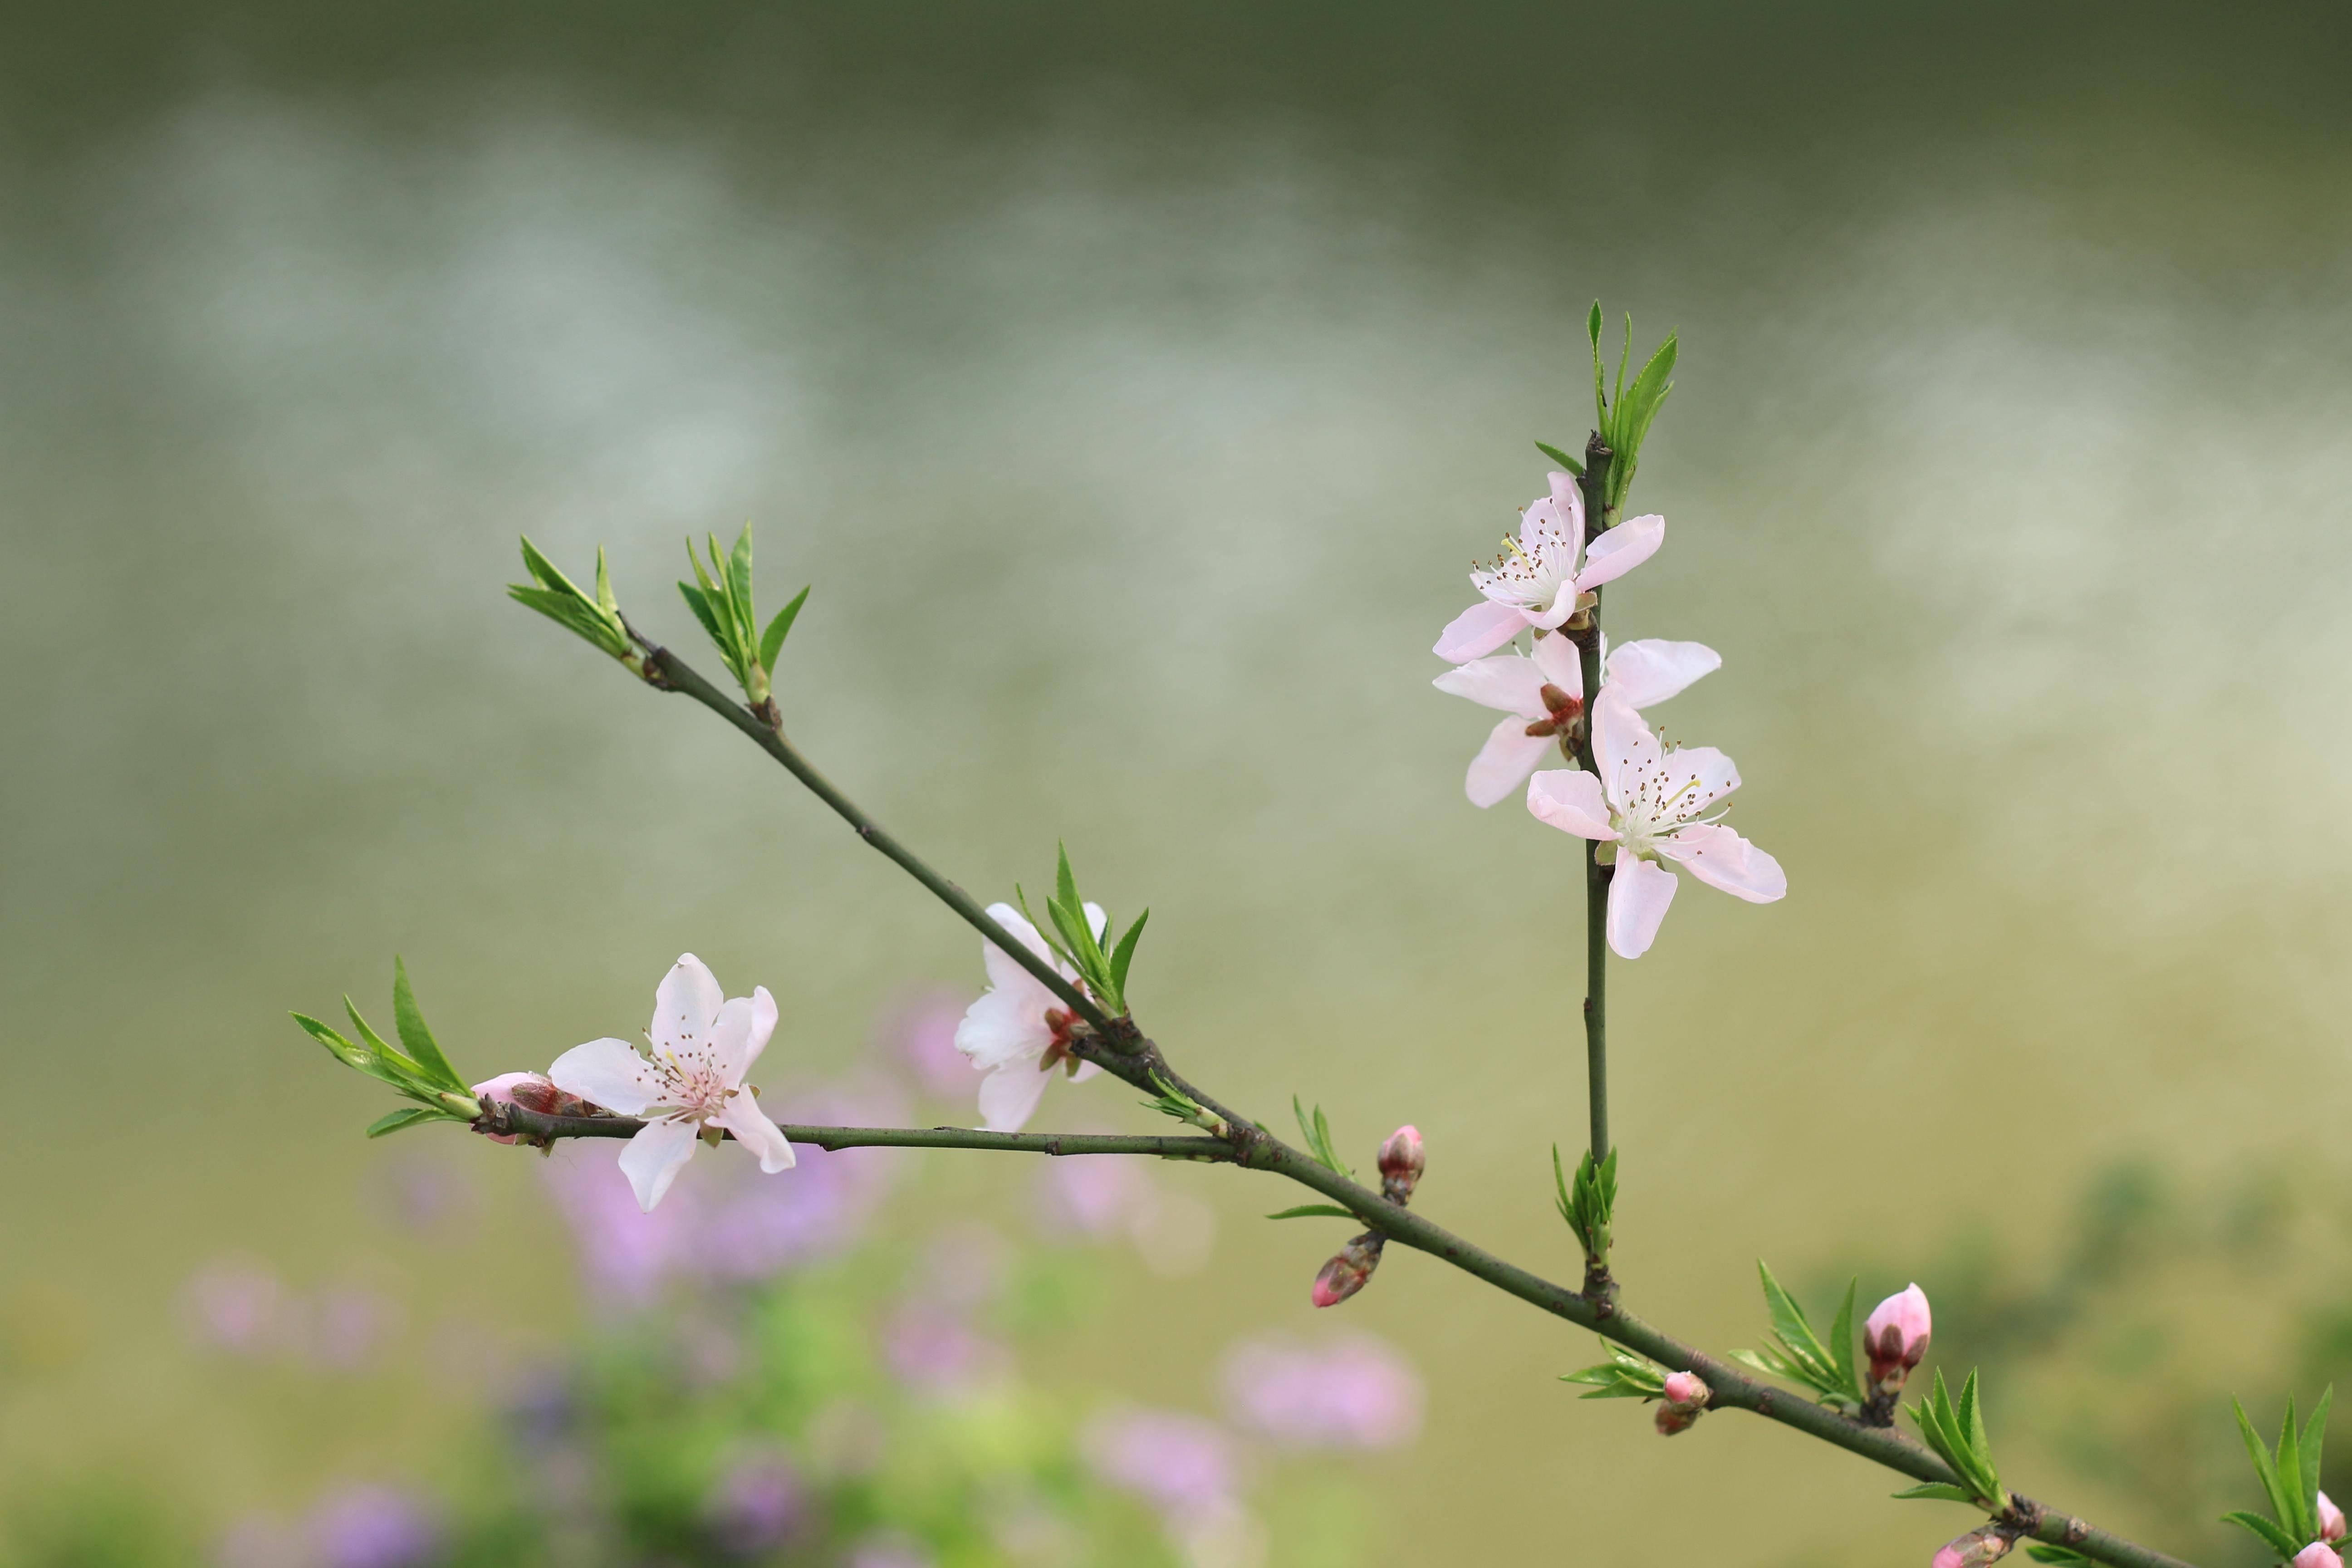 浙江诗人佩佩 美在四季